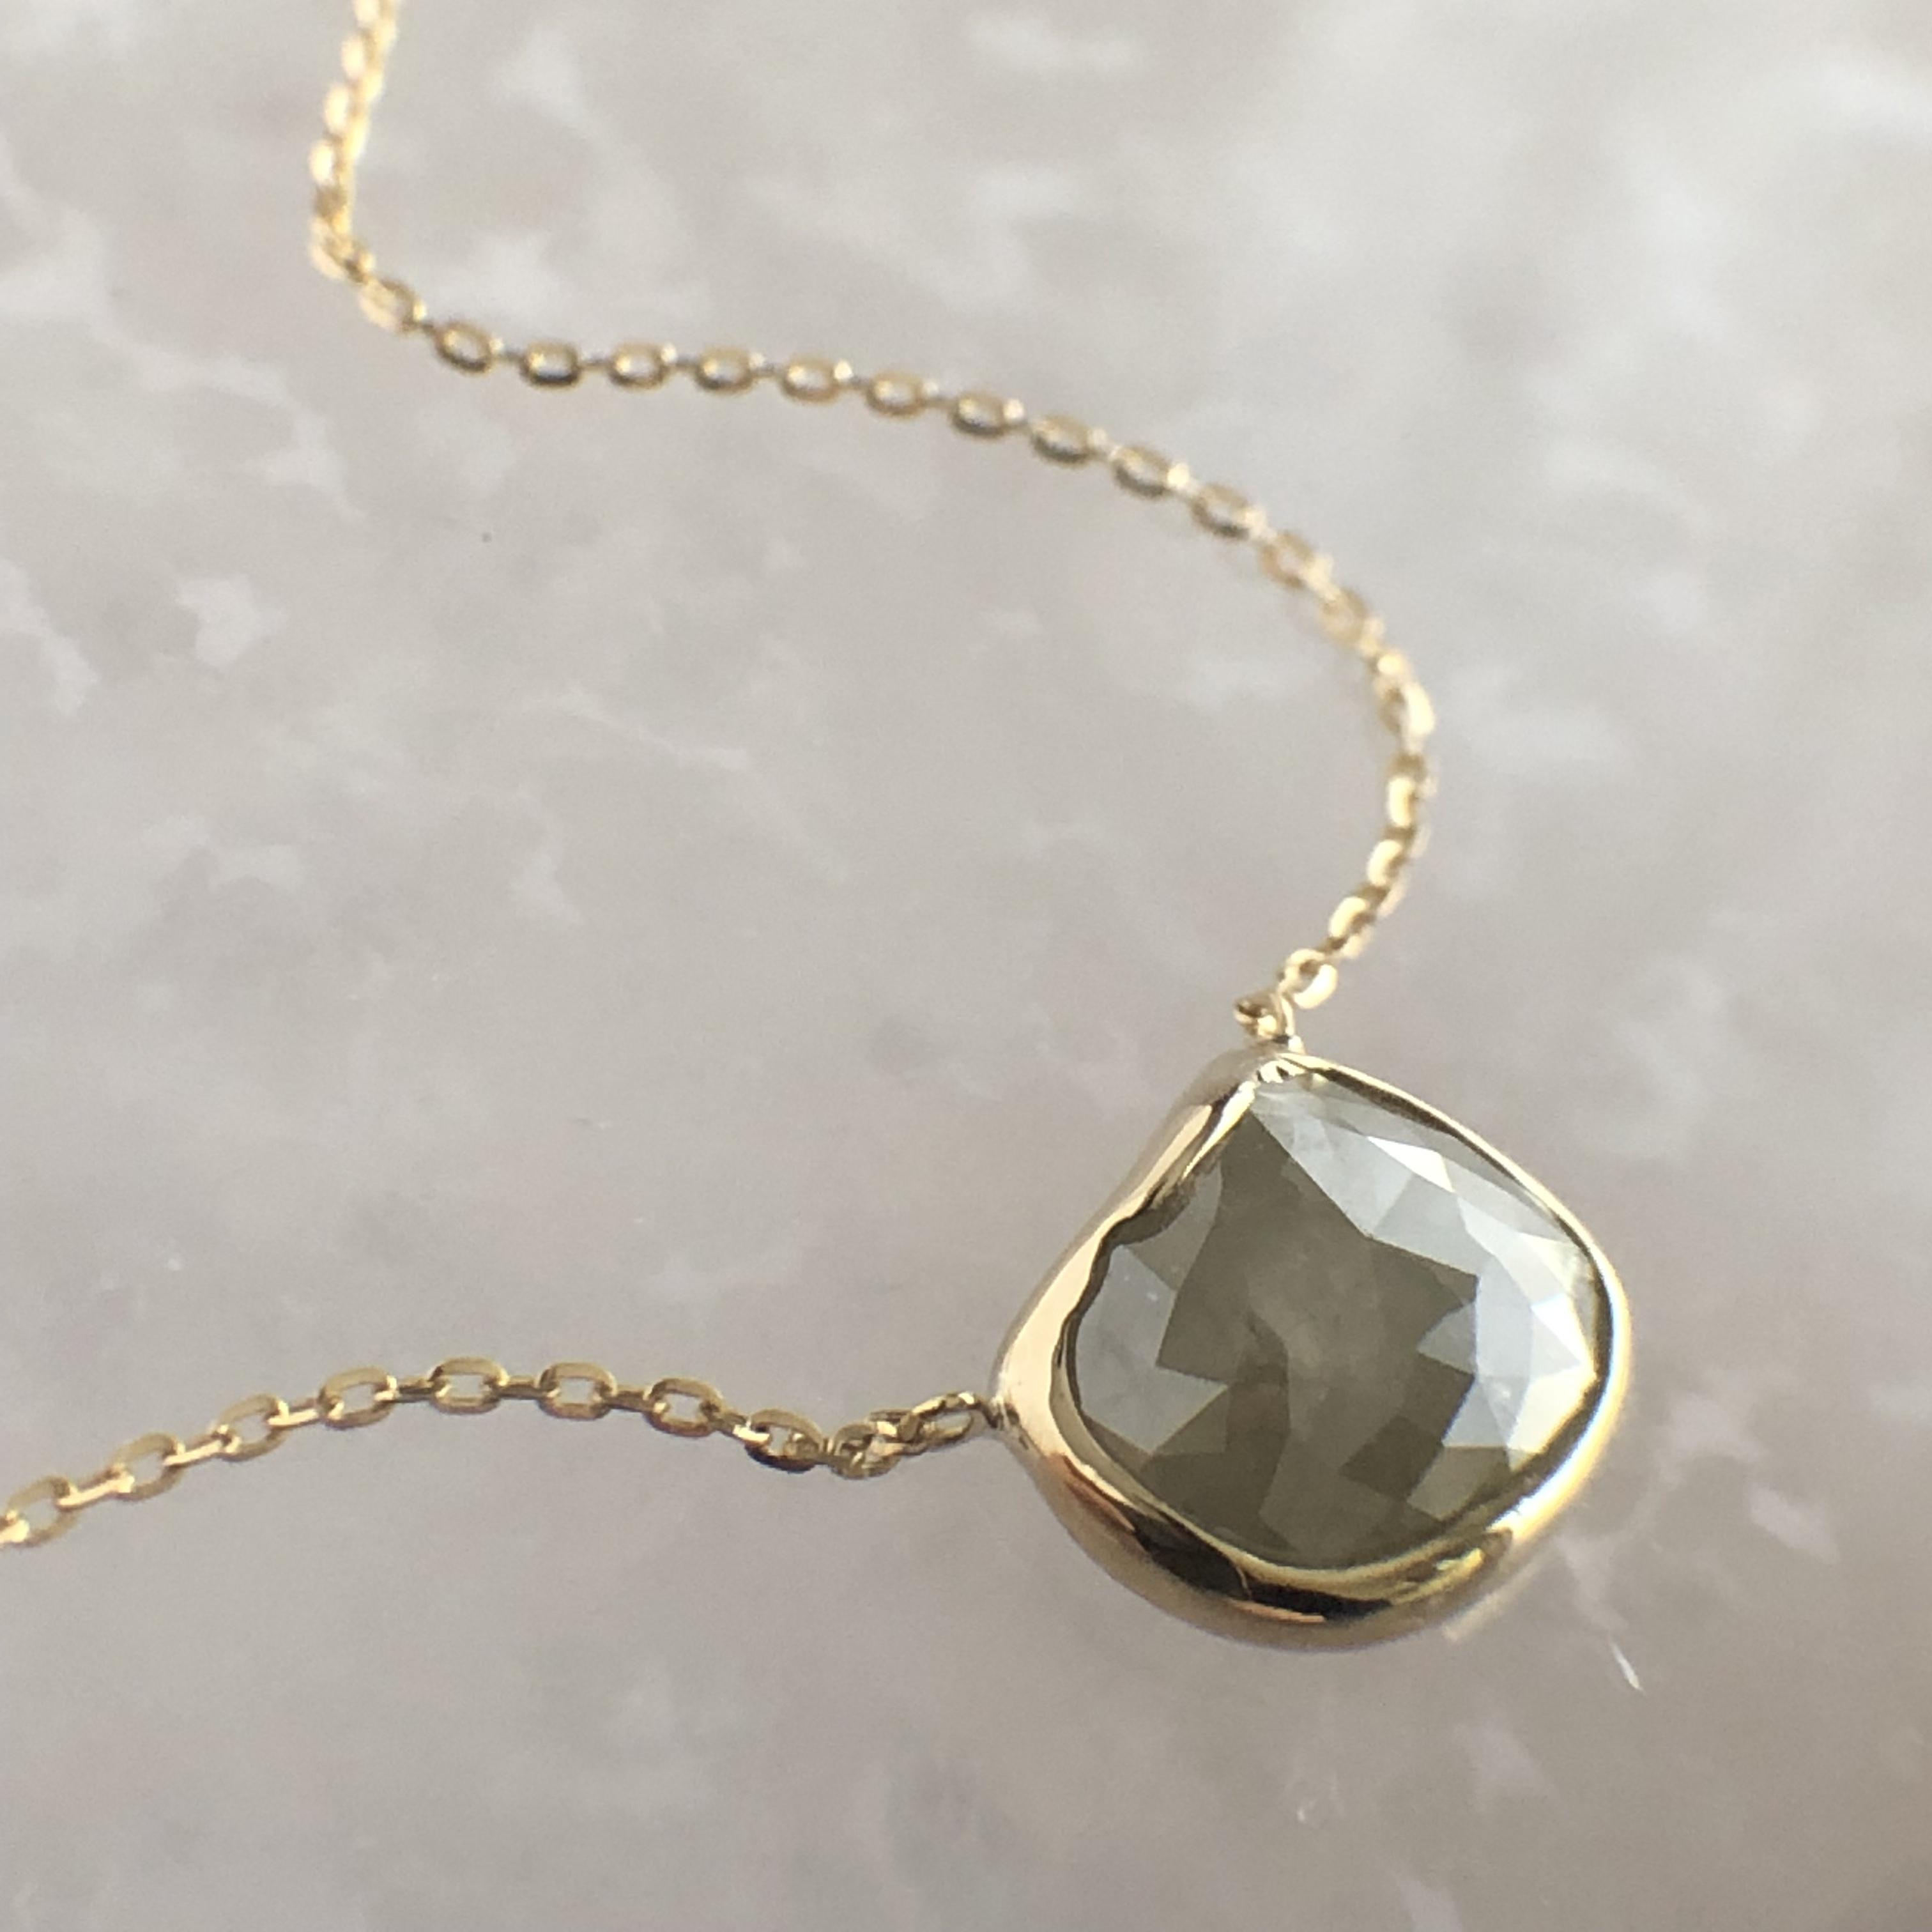 ナチュラルダイヤモンド ペンダント 1.61ct チェカ K18イエローゴールド 鑑別書付